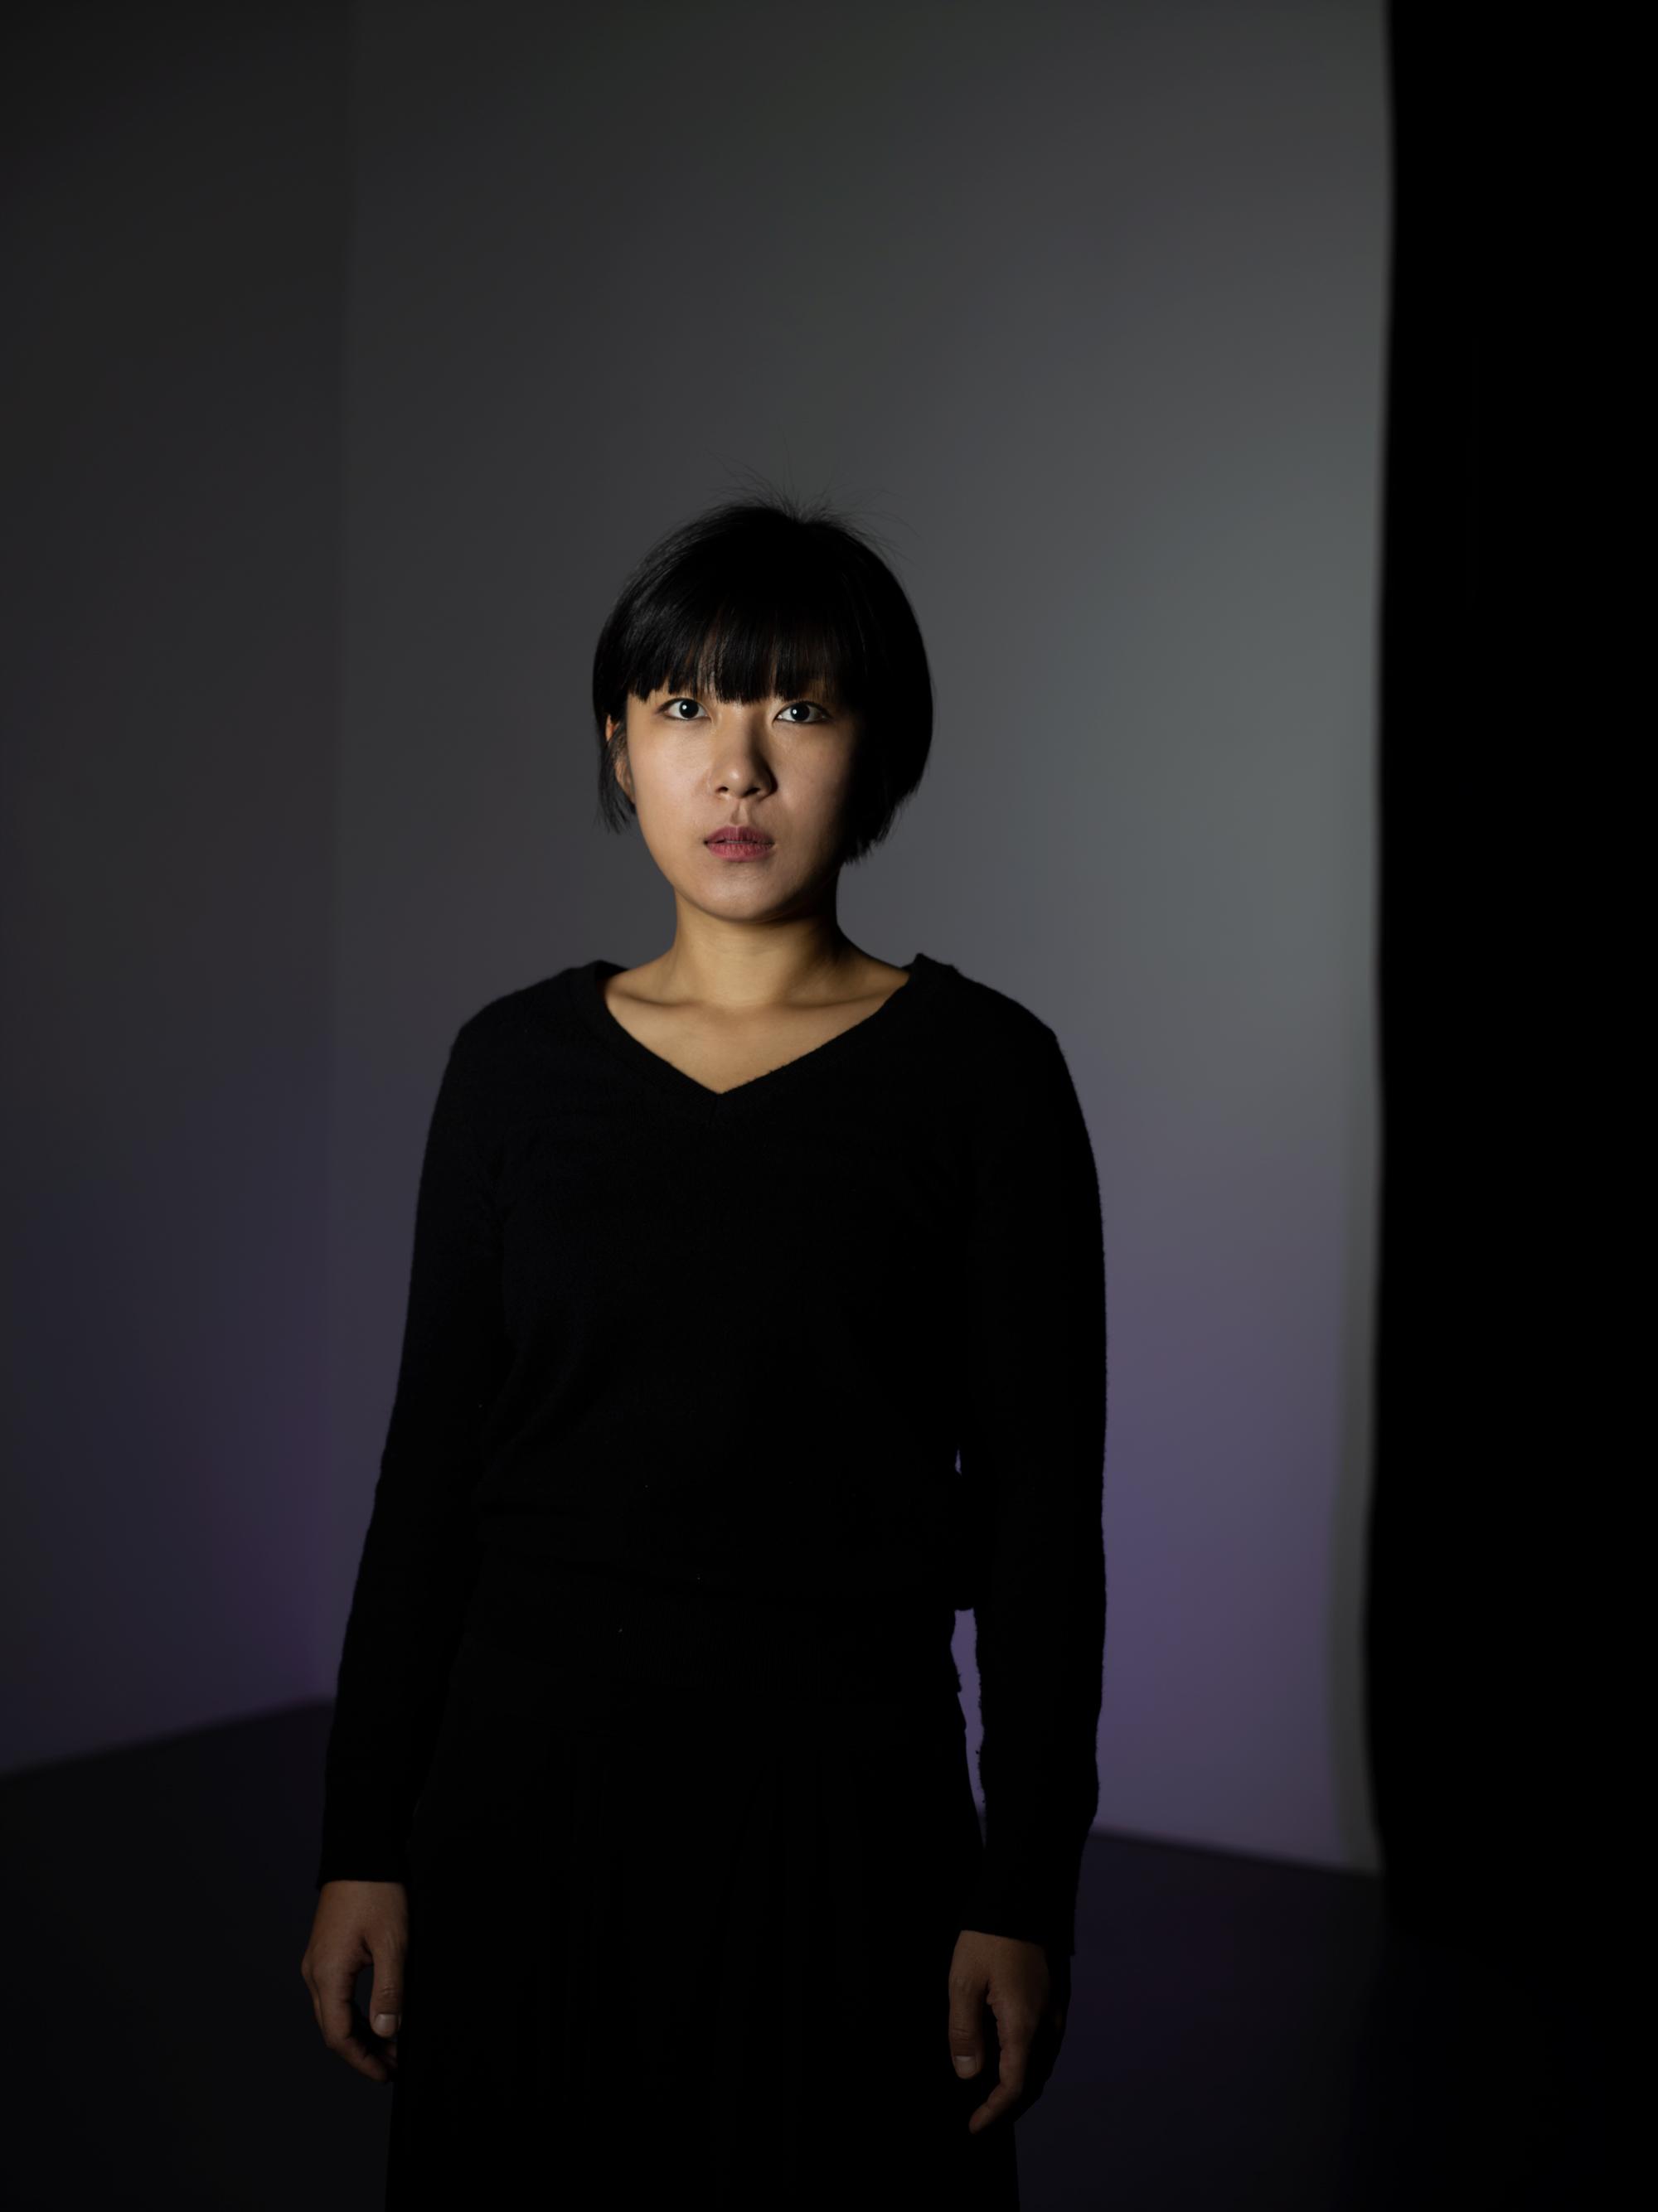 Hara Shin